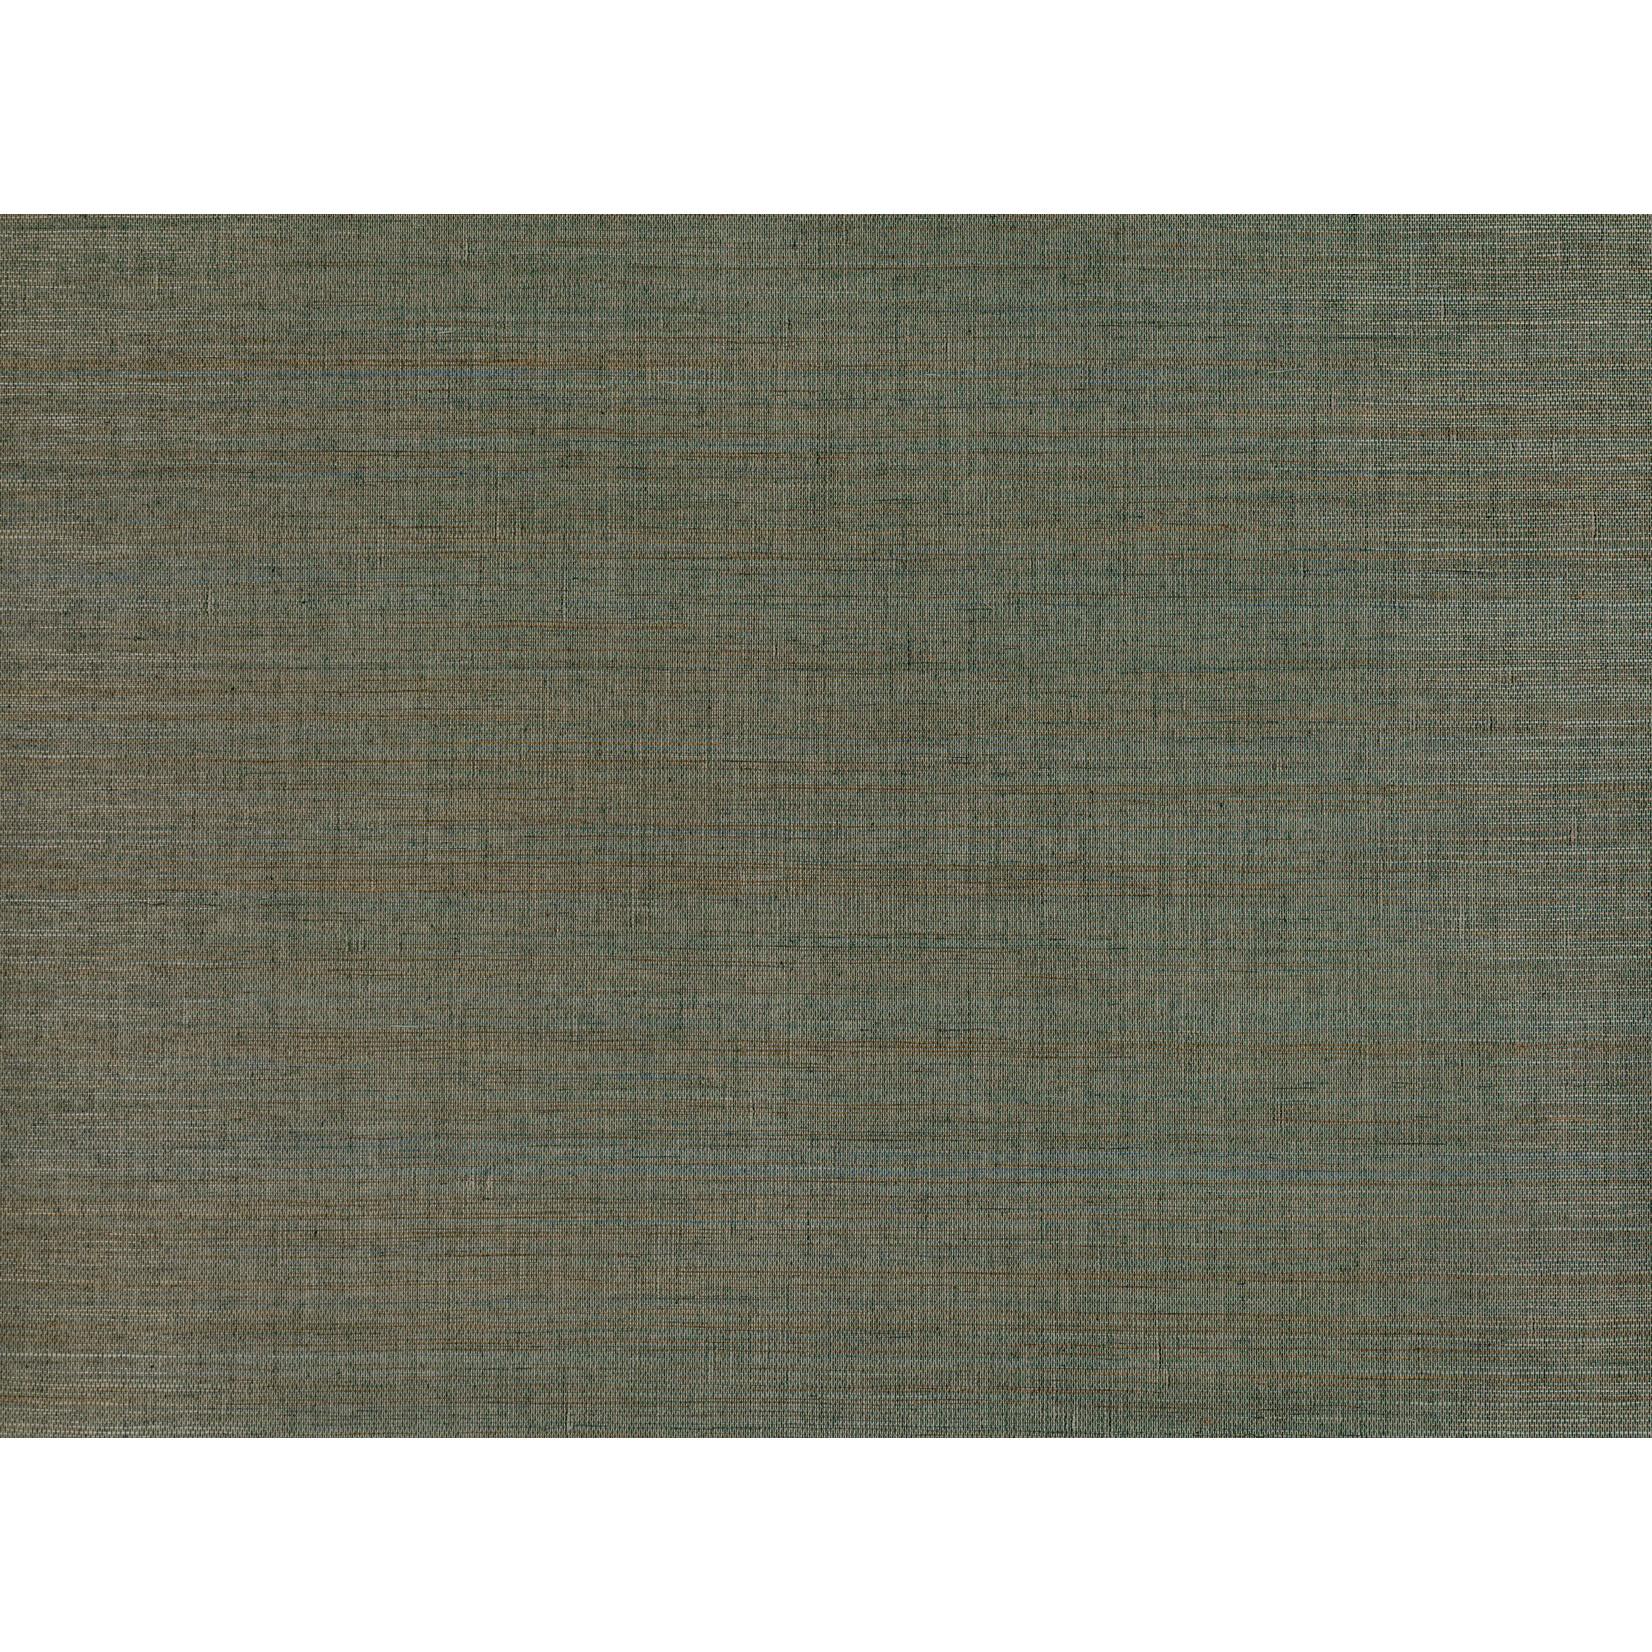 Mark Alexander Revêtements muraux tissés à la main en toile d'herbe | Duo Sisal Piment